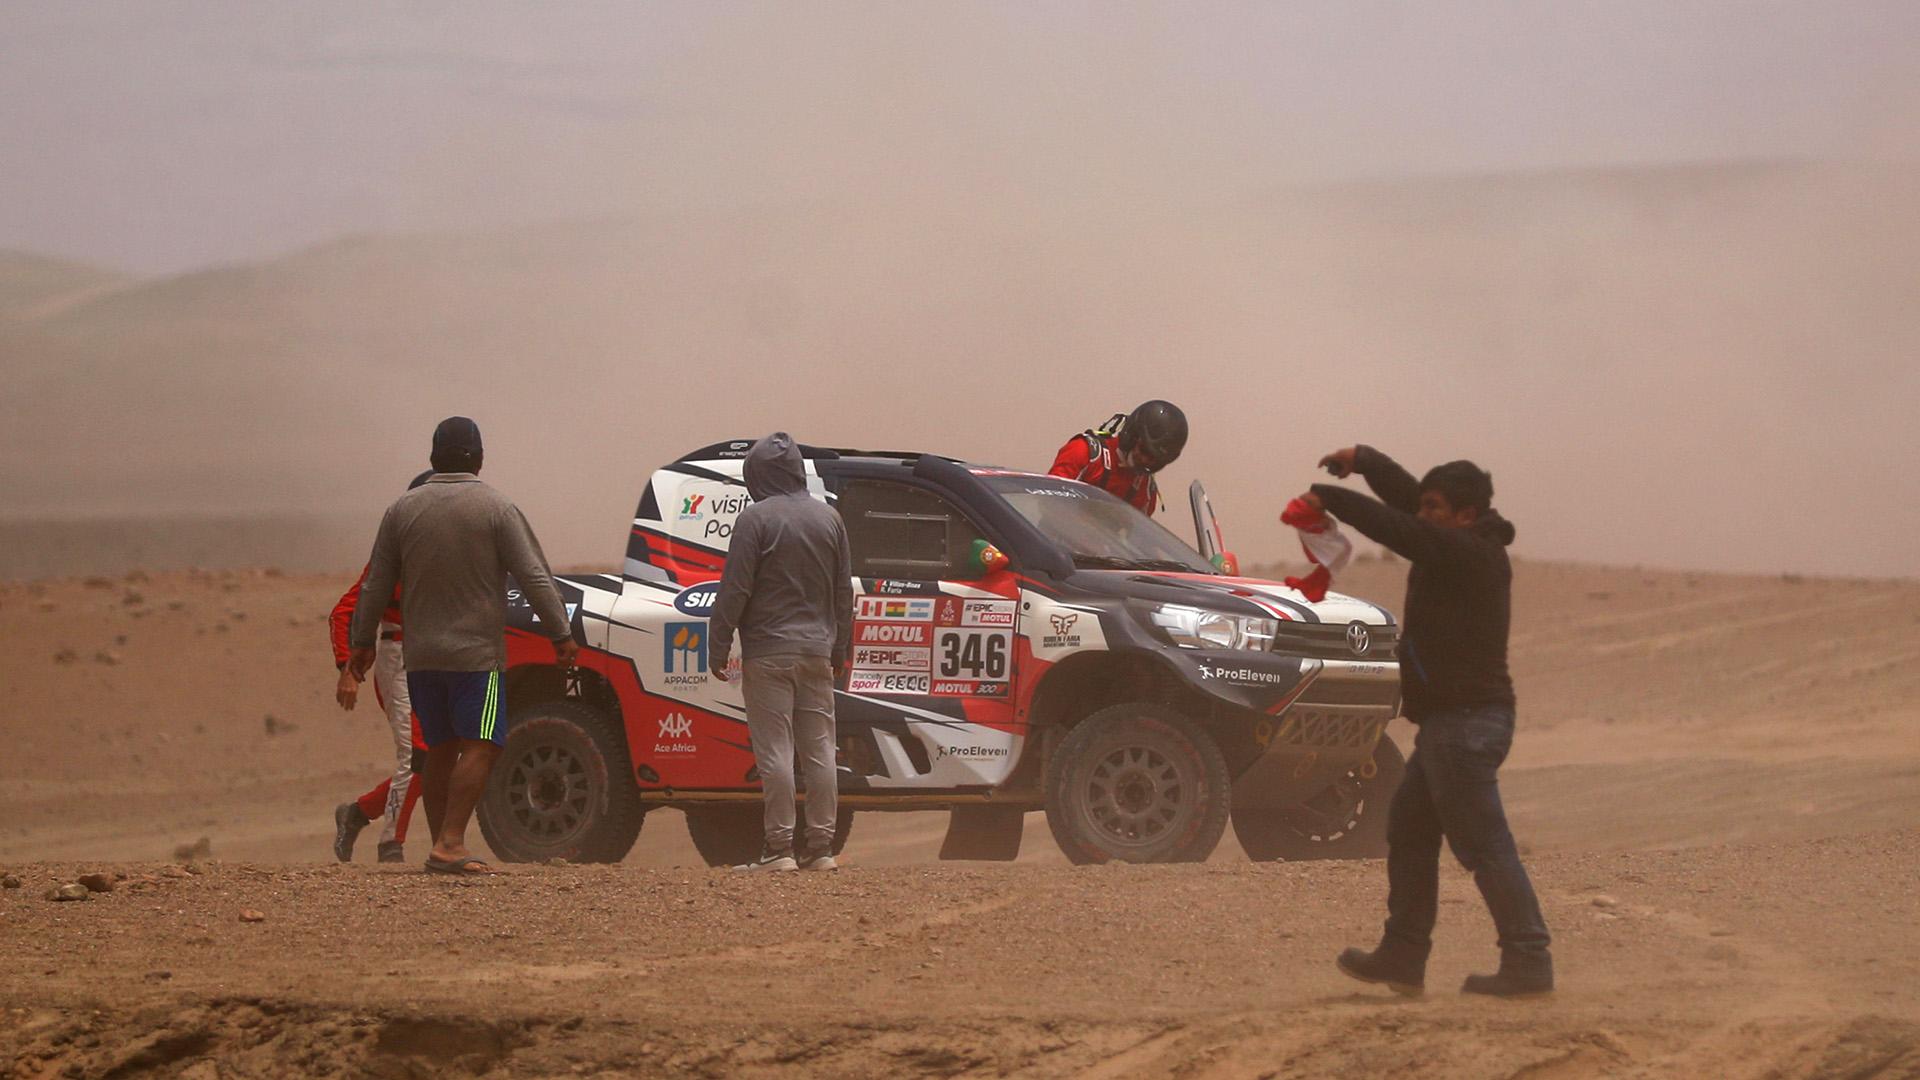 Villas-Boas chocó en las dunas de San Juan de Marcona y tuvo que ser hospitalizado (Getty Images)